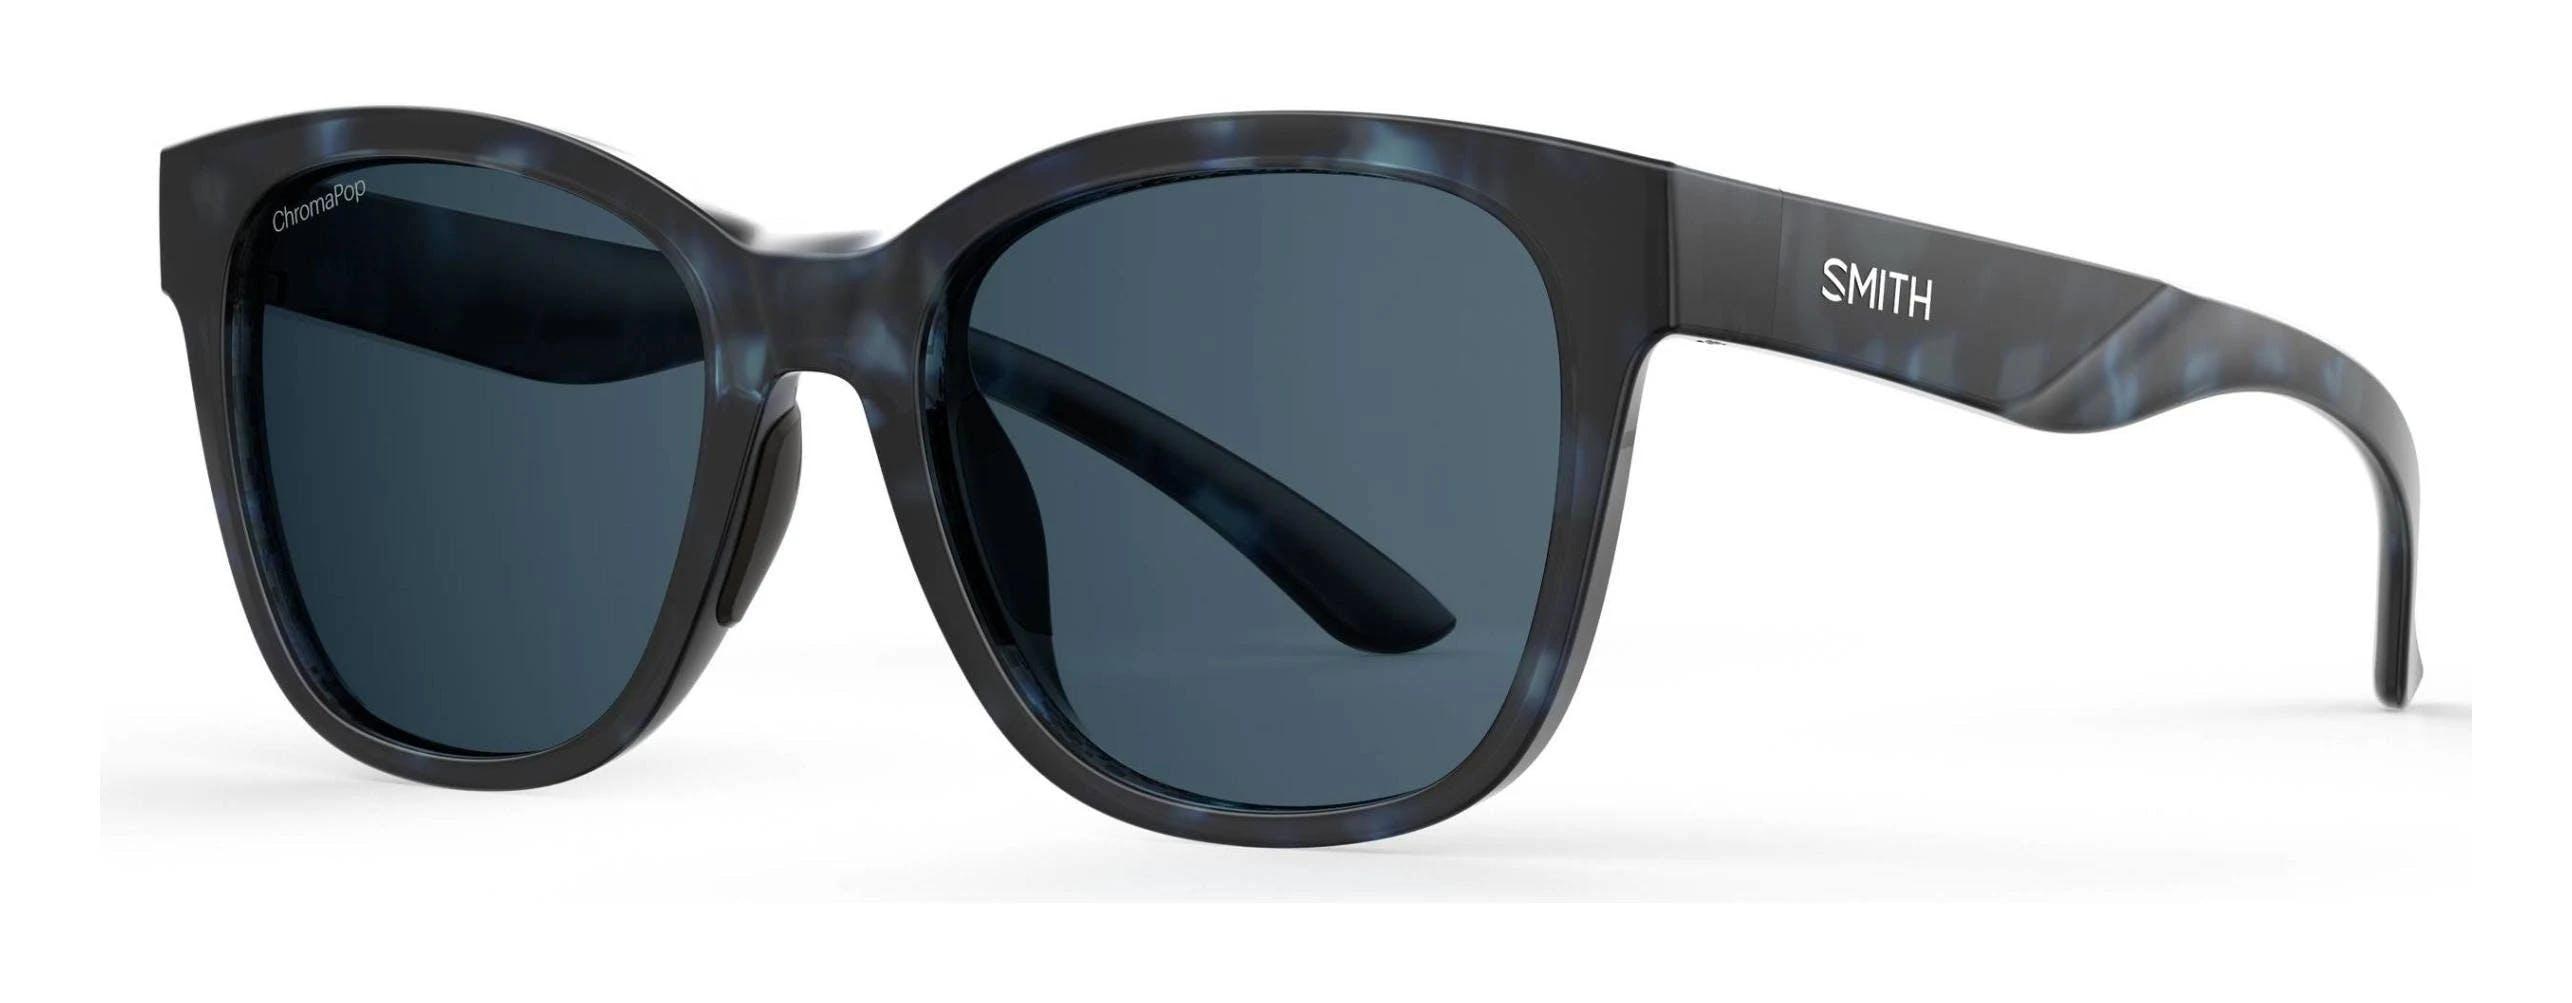 Smith Optics Caper Women Sunglasses - Black Polarized